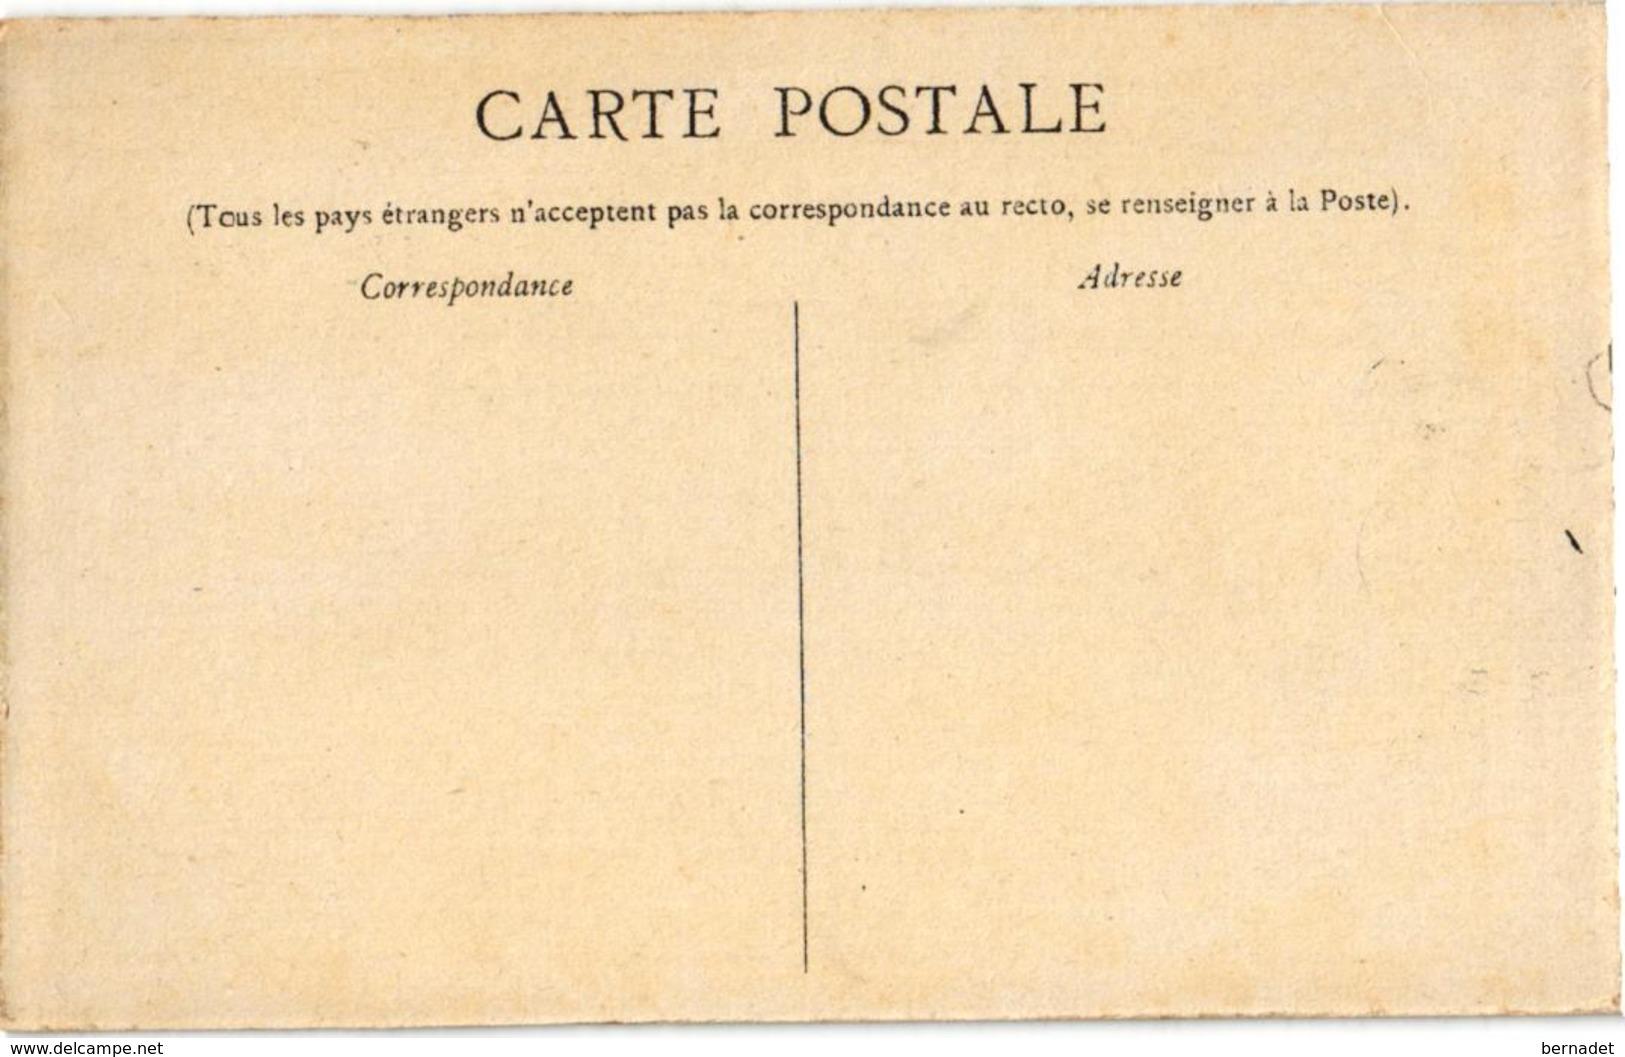 LES SPORTS ... DIRIGEABLE SANTOS DUMONT N. 16 - Cartes Postales